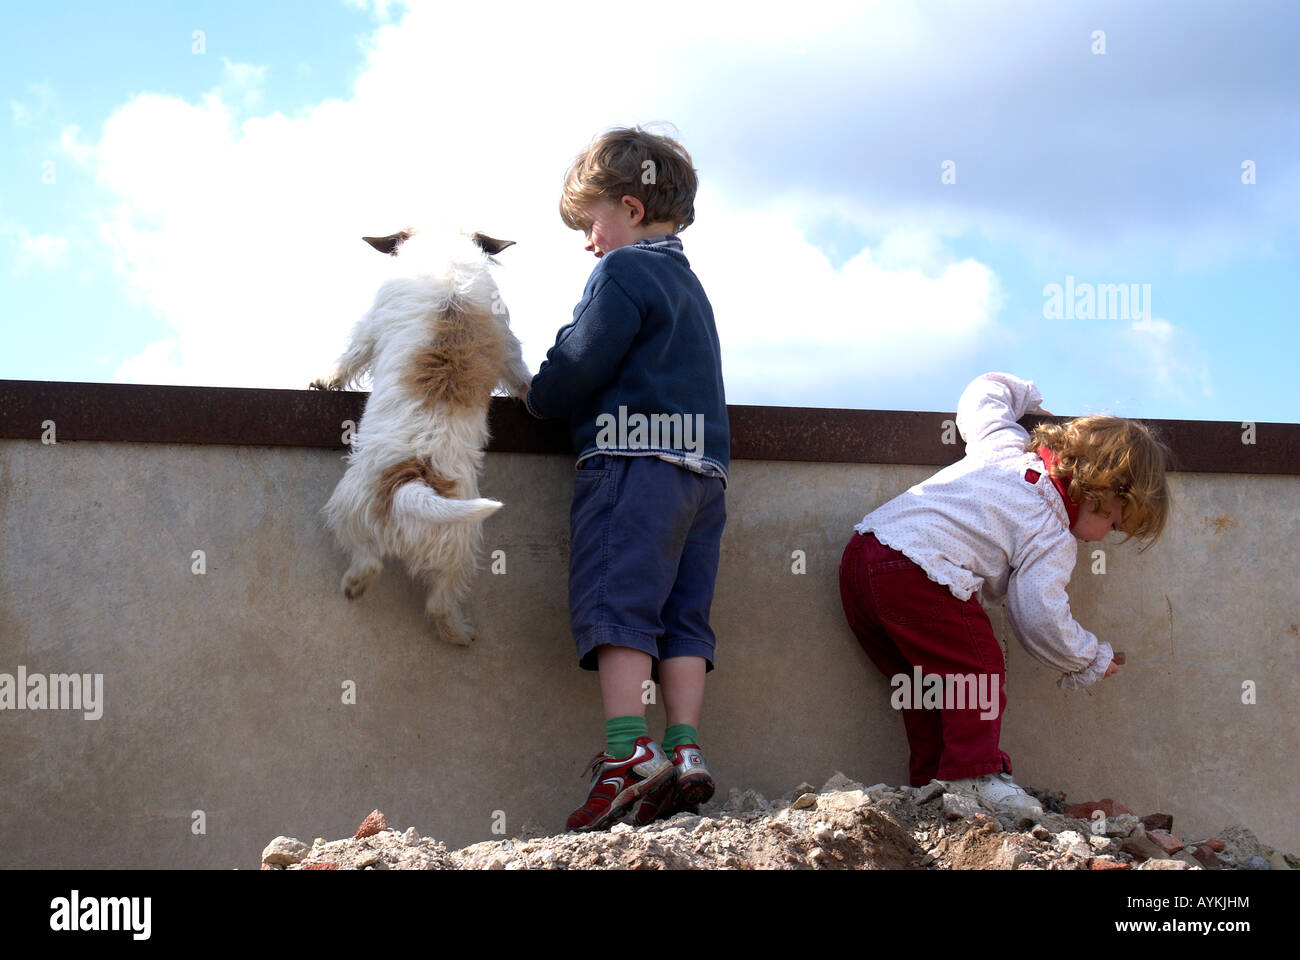 Kinder Flickschusterei mit Hund Jack RussFriendship; Kameradschaft, Nähe, Intimität, Vertrautheit, Liebenswürdigkeit, Stockbild